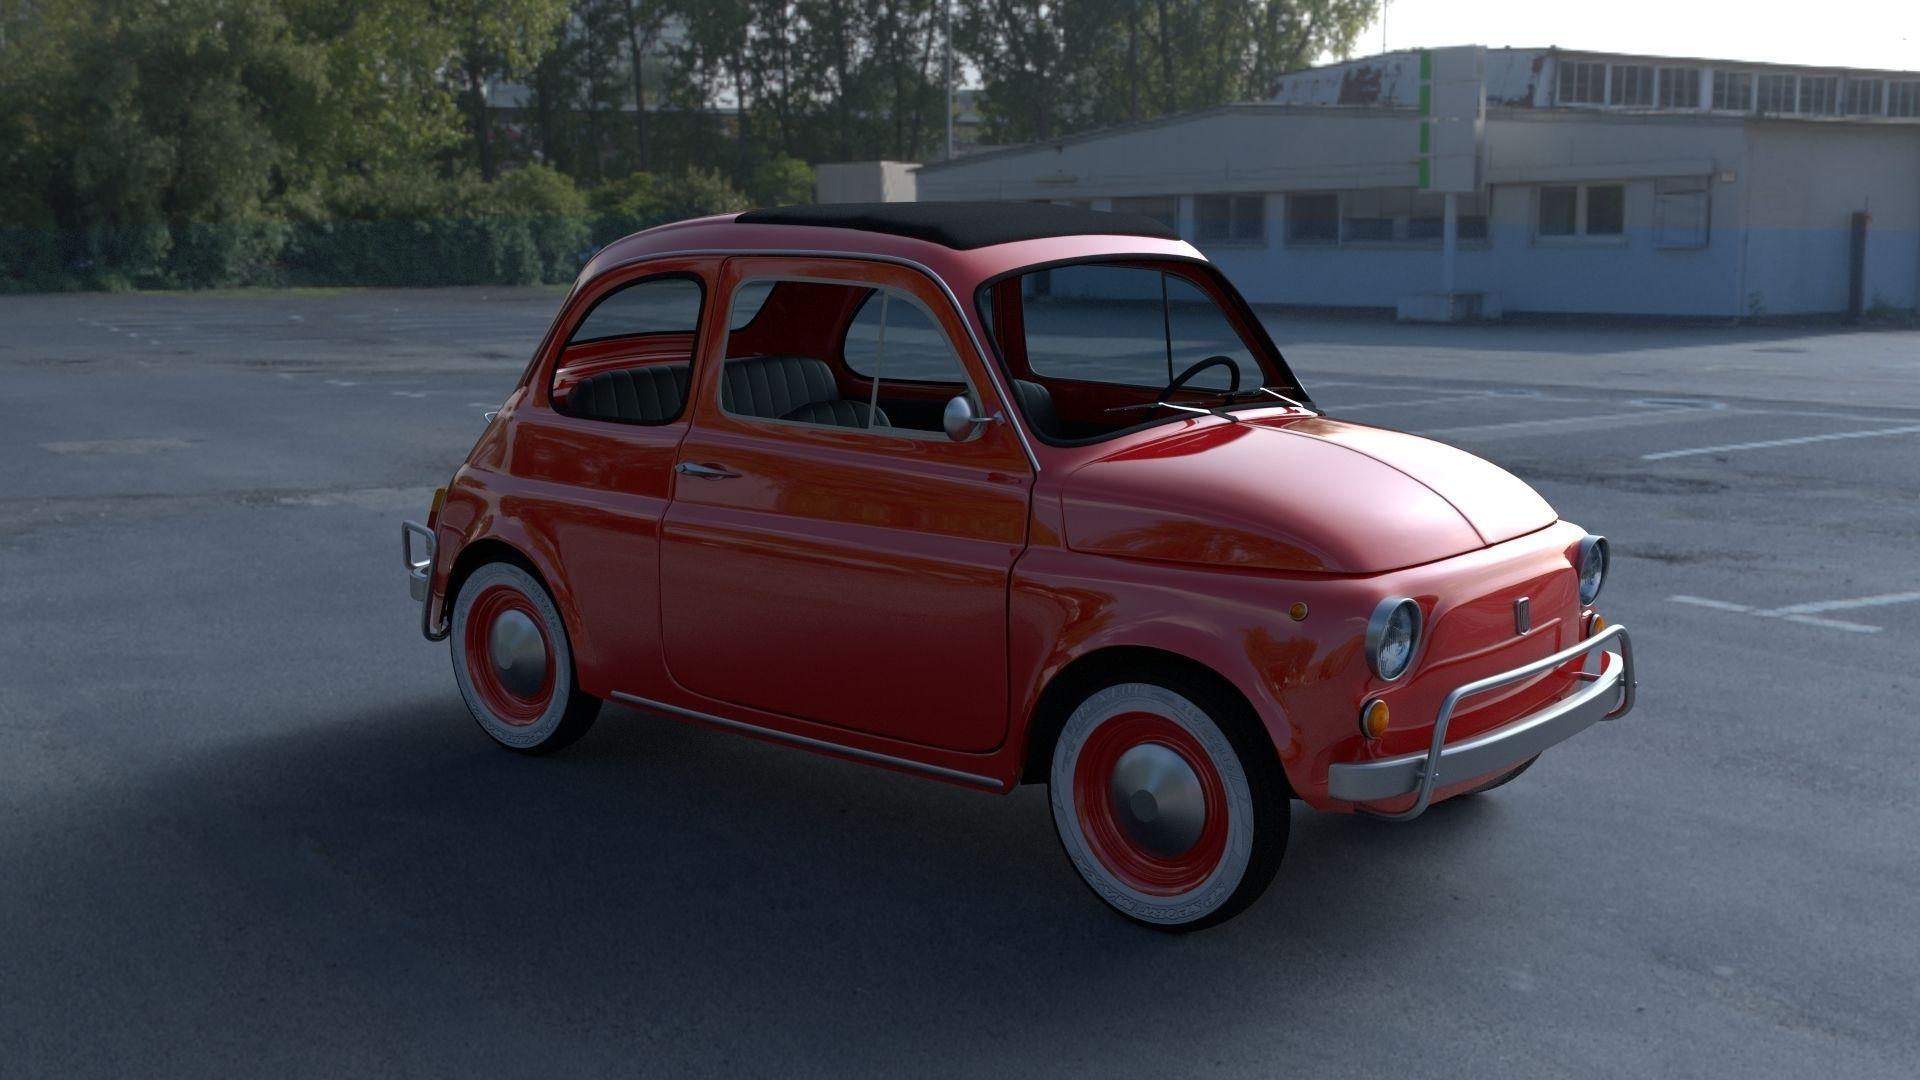 Fiat 500L Luxe 1968 with interior HDRI